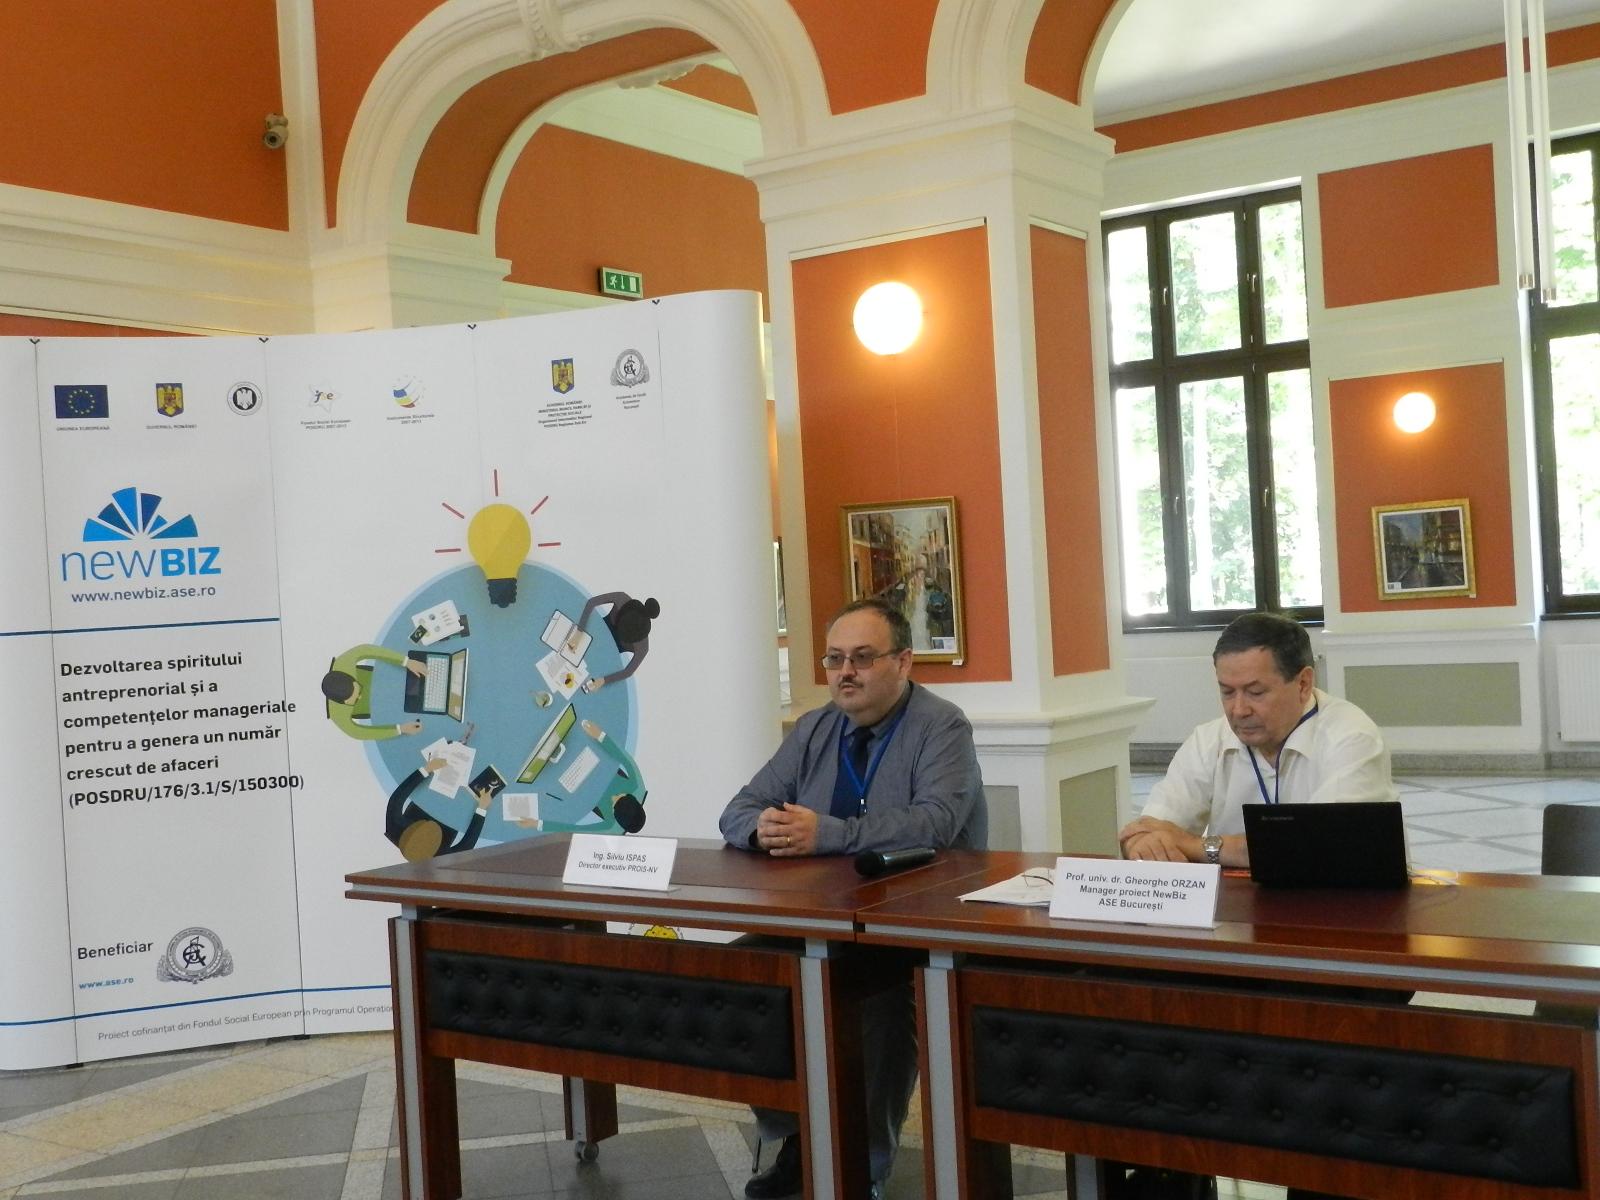 newbiz, manager proiect gheorghe orzan, ASE Bucuresti (2)